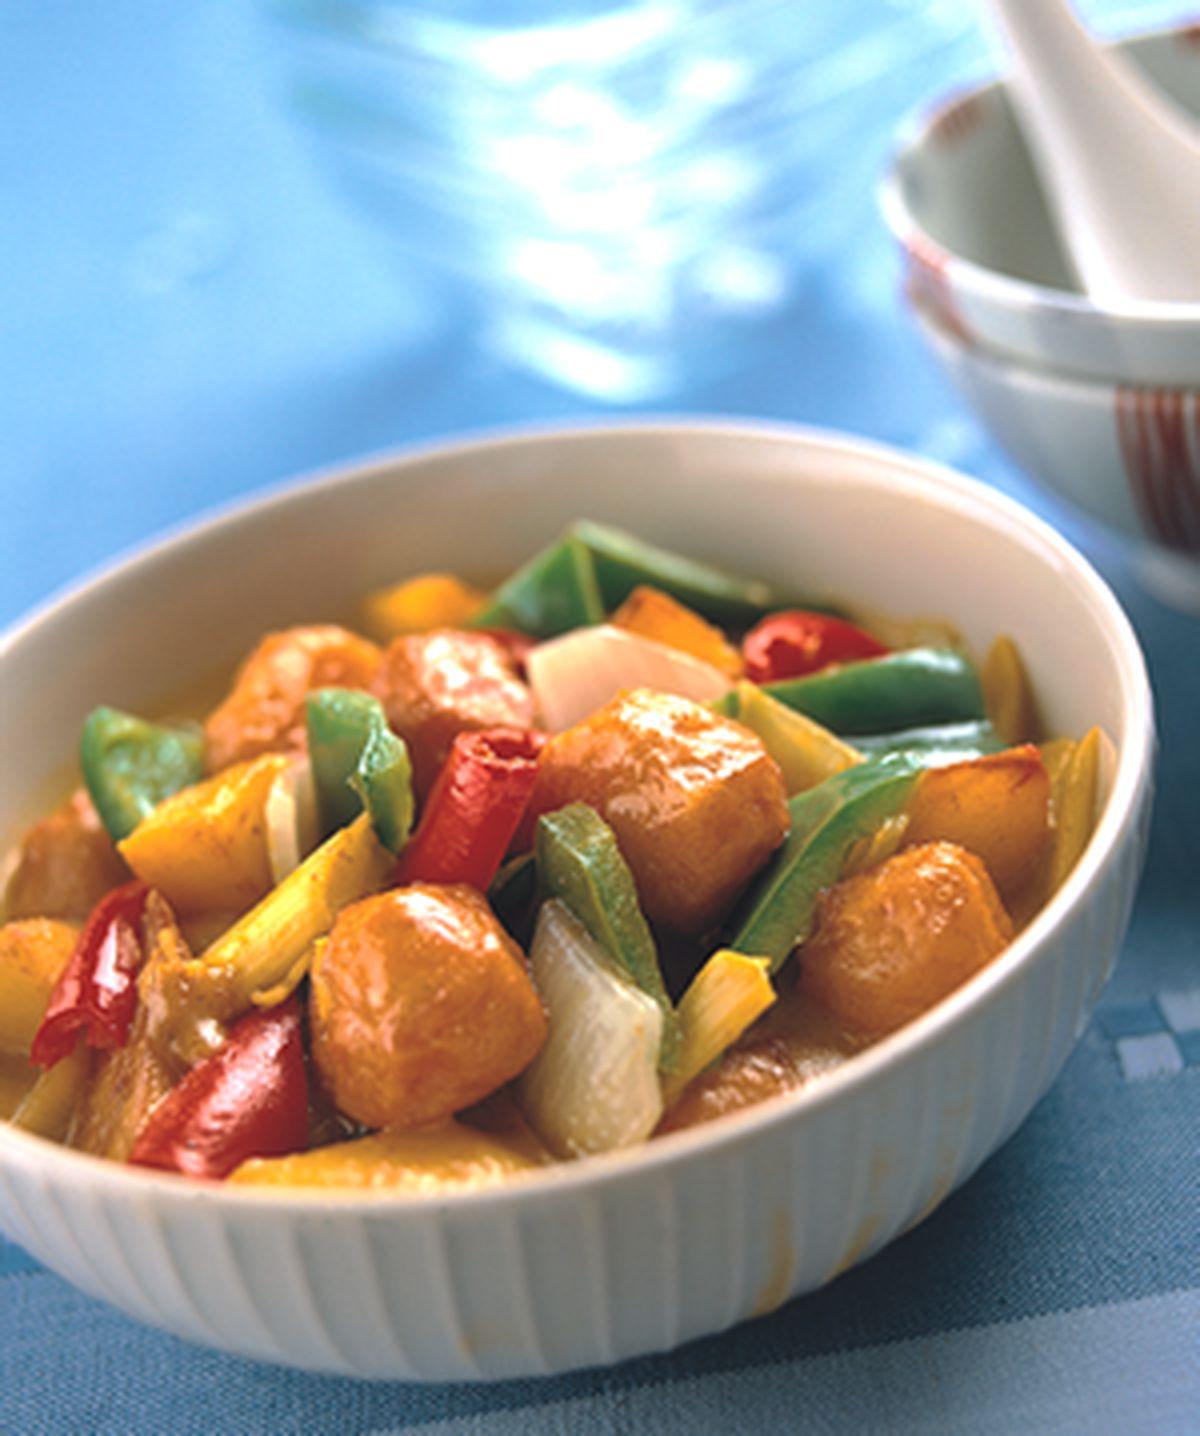 食譜:咖哩丸子